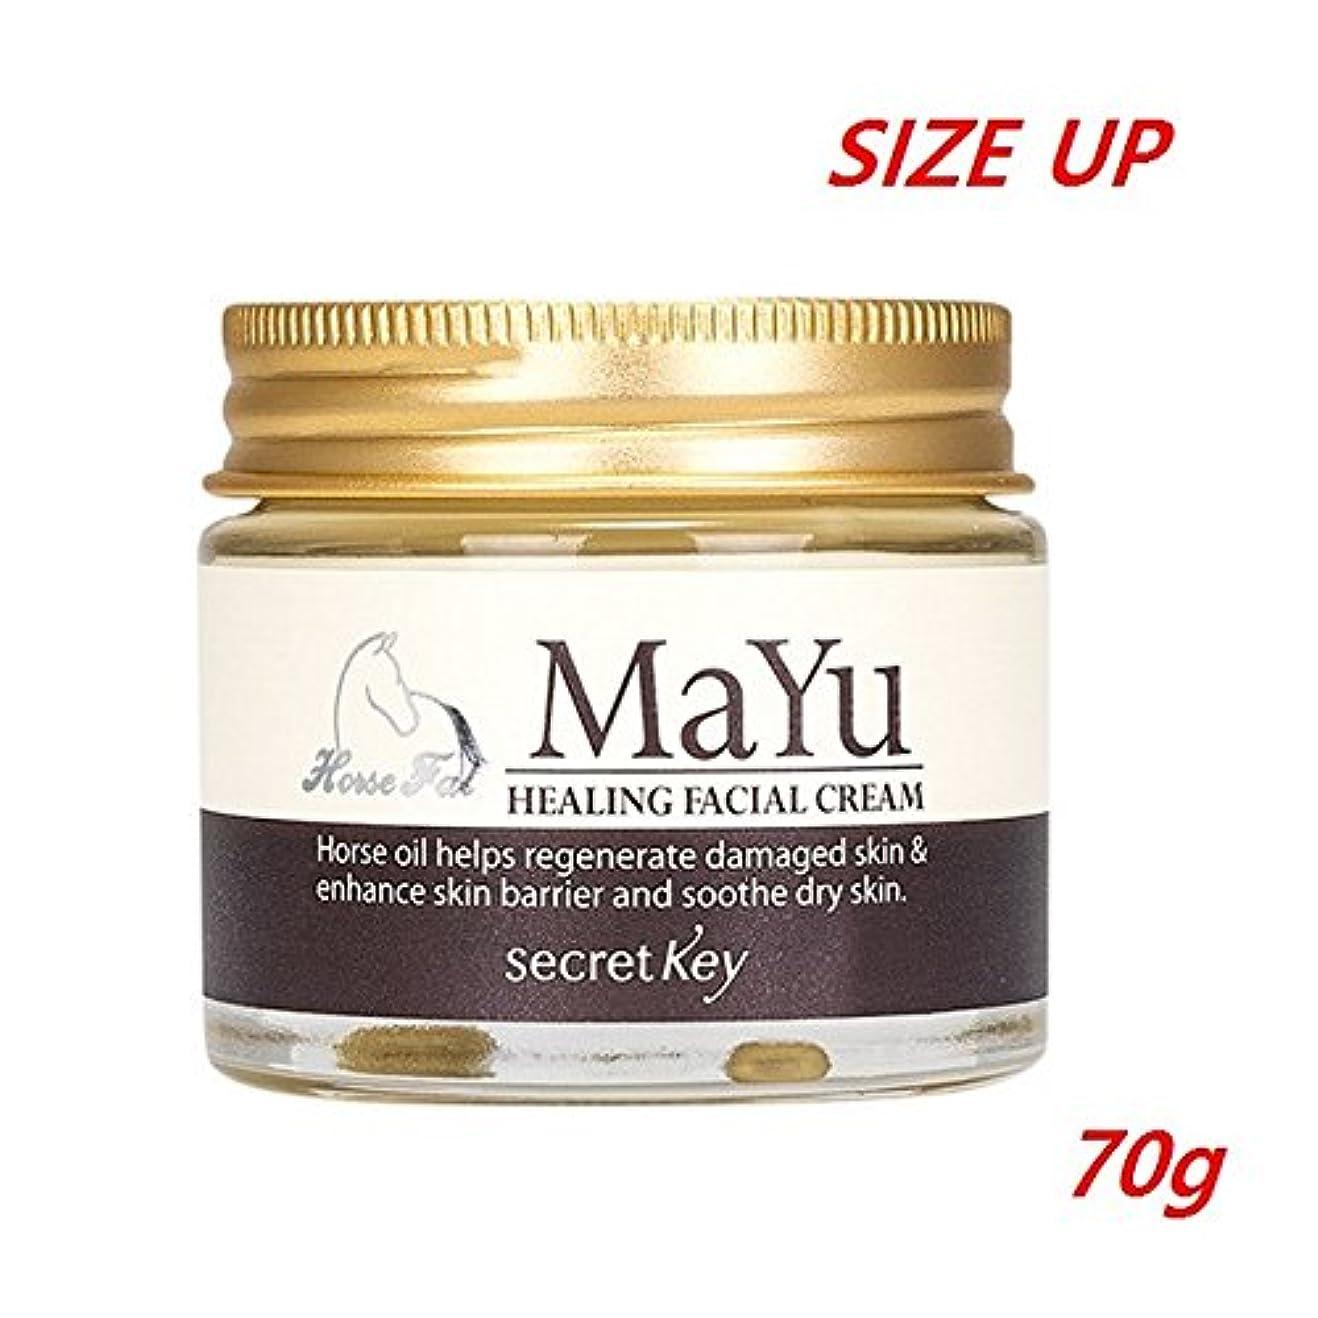 分離する間官僚シークレットキー 馬油 ヒーリング フェイシャル クリーム/Secret Key Mayu Healing Facial Cream 70g Size Up(50g to 70g Up Grade) [並行輸入品]